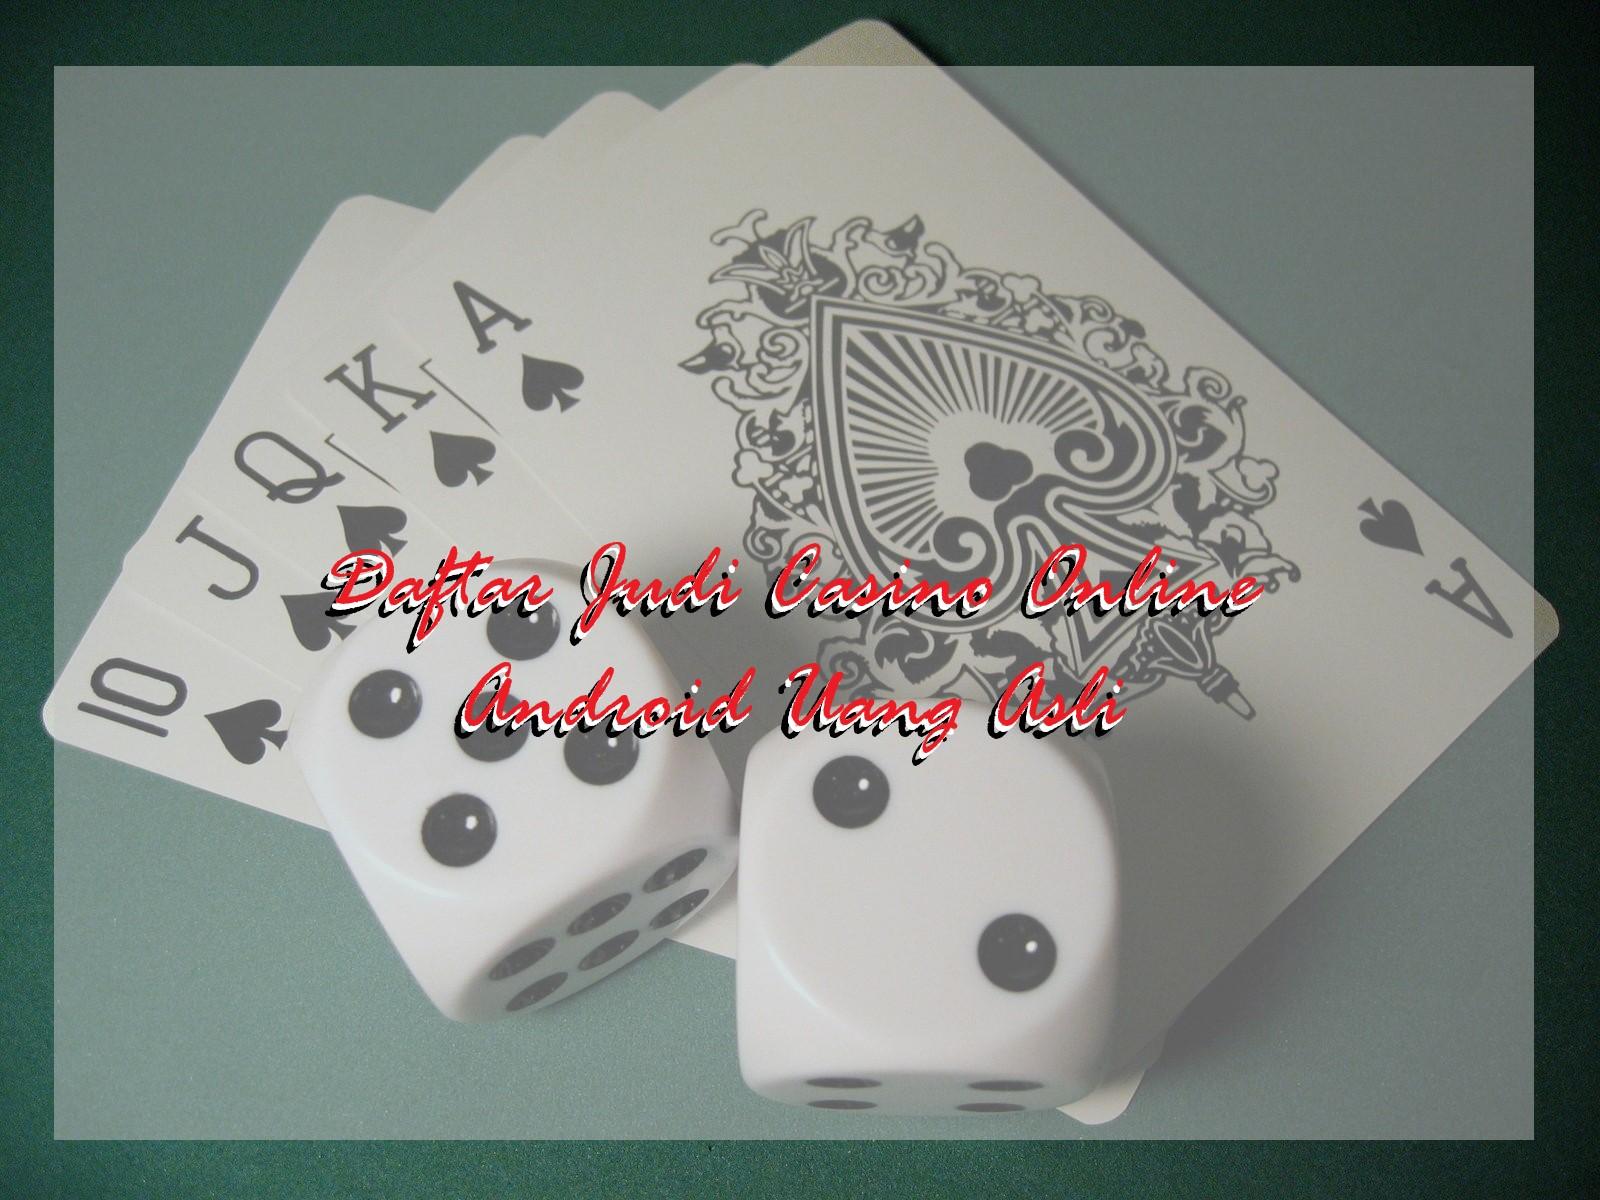 daftar judi casino online android uang asli